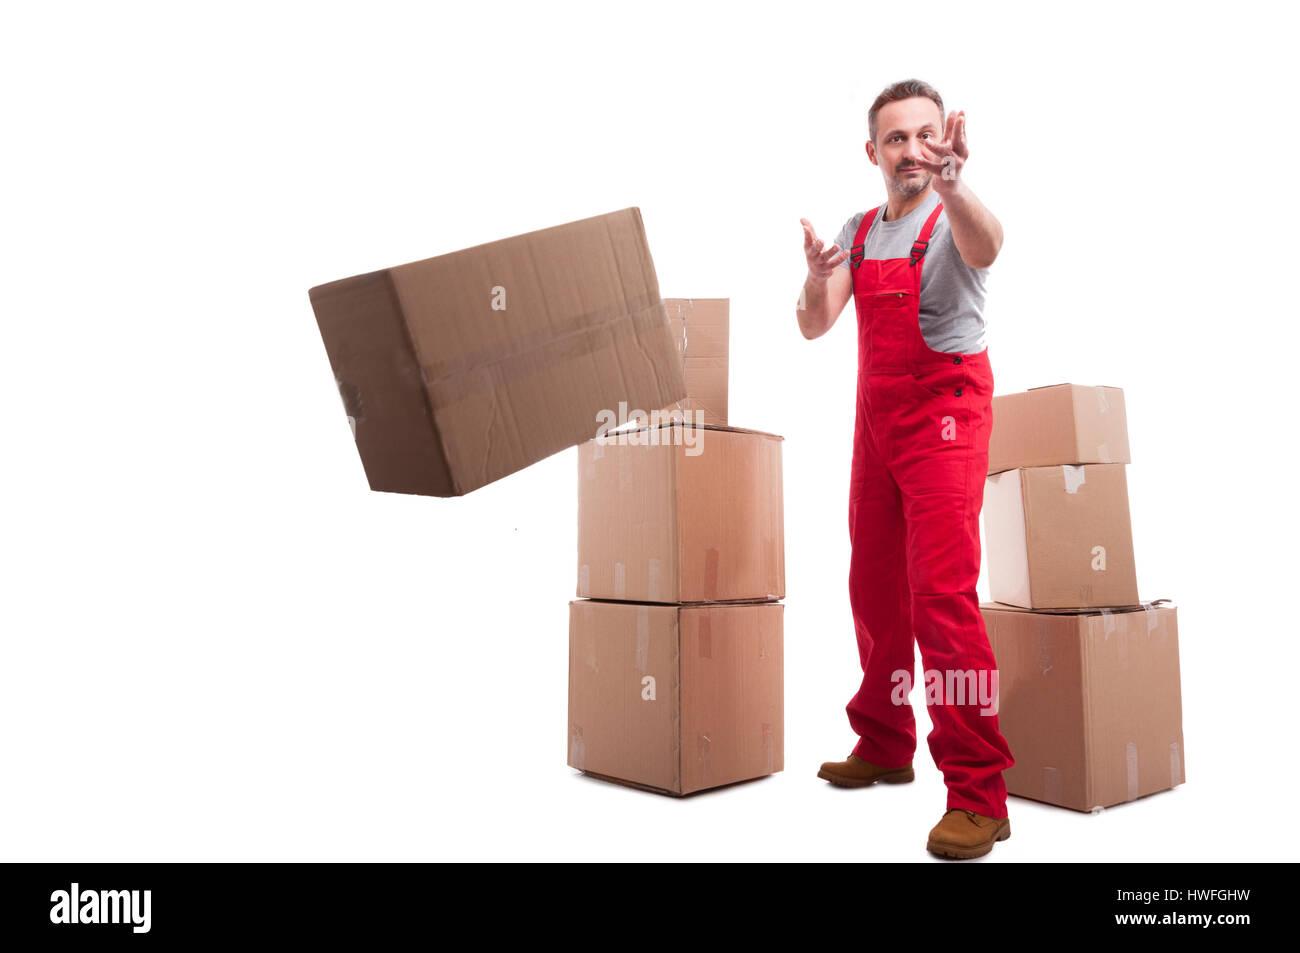 Ganzkörper-Mover Kerl wirft einen Karton wie arbeiten isoliert auf weißem Hintergrund Stockbild